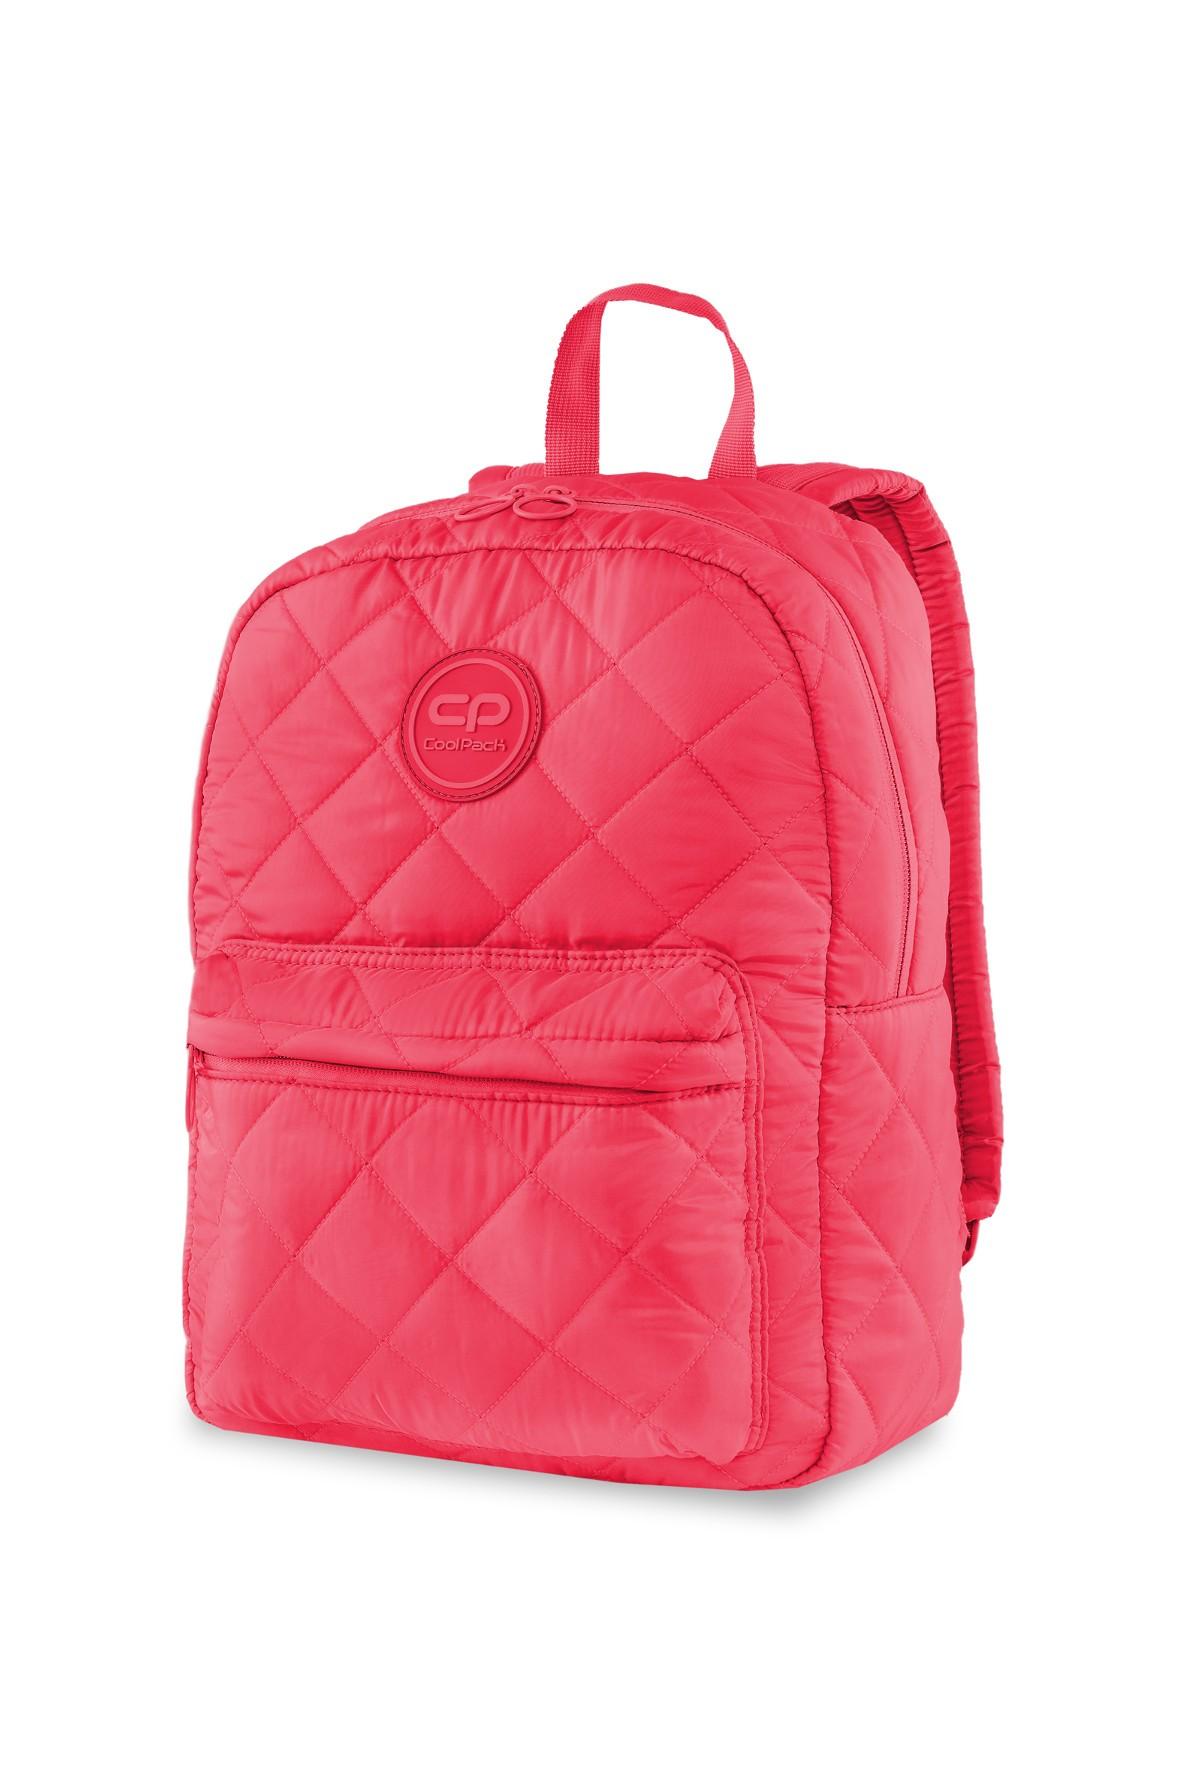 Plecak dla dziewczynki Ruby Coral Touch- pikowany różowy